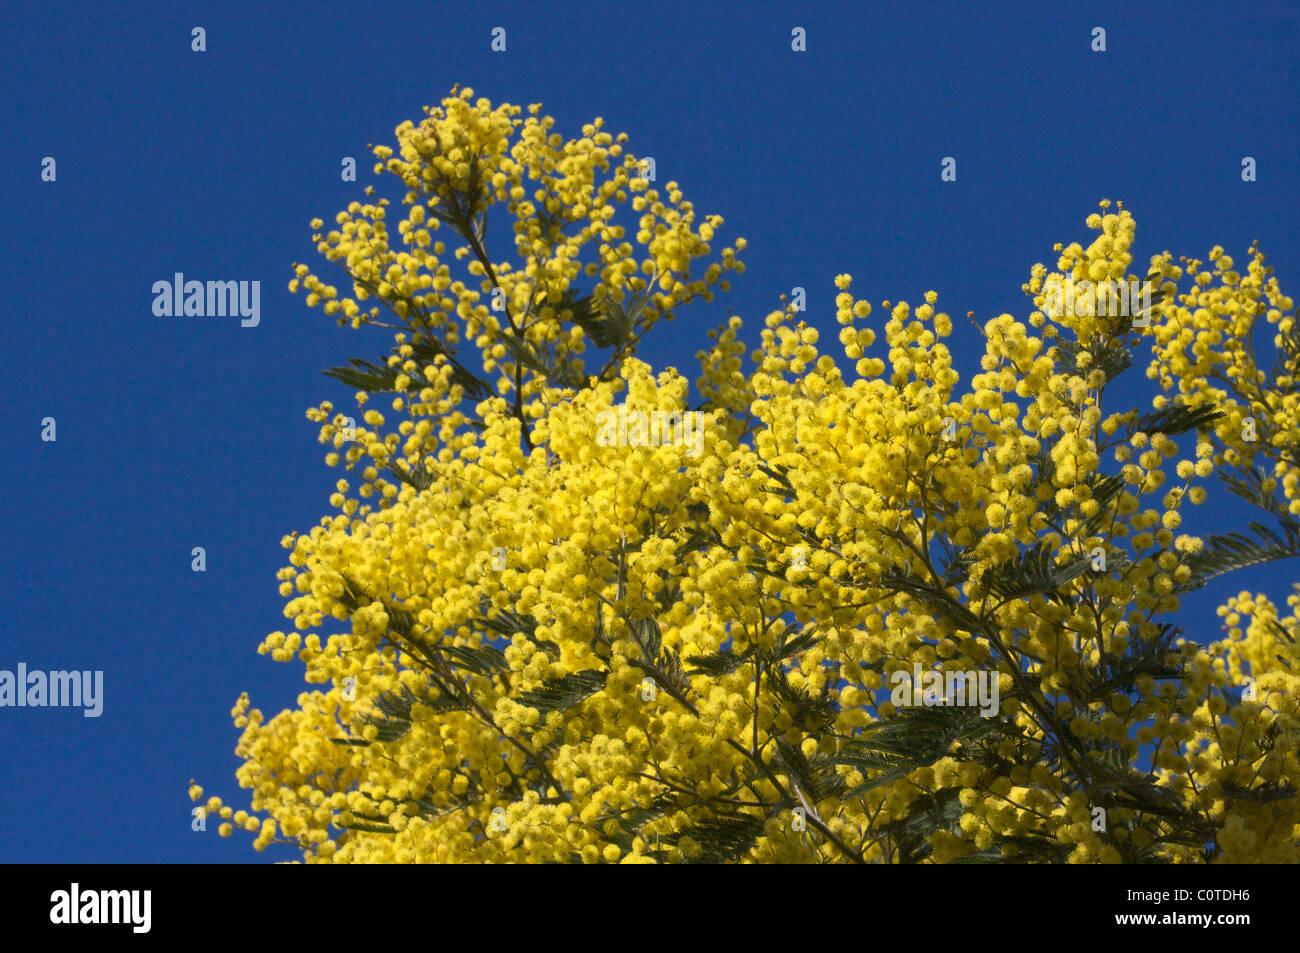 Mimosa tree yellow stock photos mimosa tree yellow stock images yellow flowers of mimosa in blue sky in provence french riviera france stock mightylinksfo